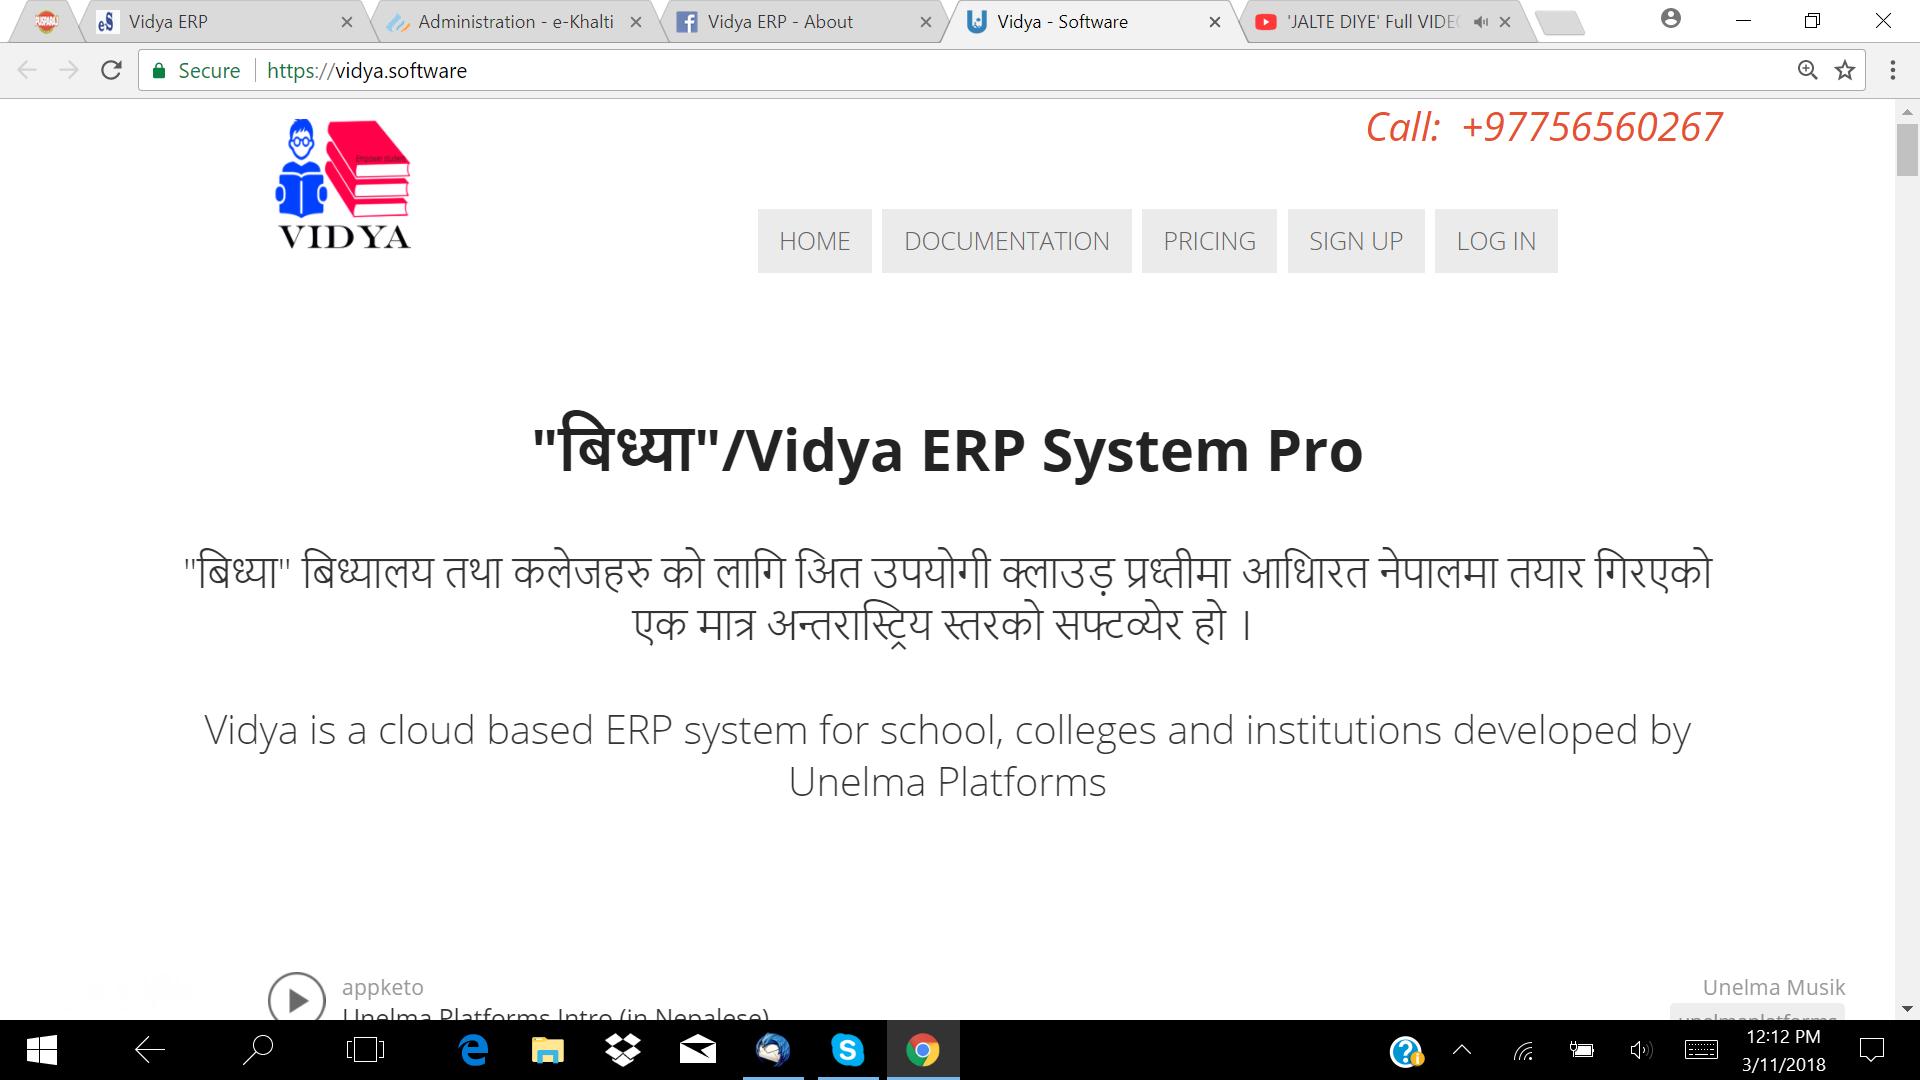 Vidya ERP